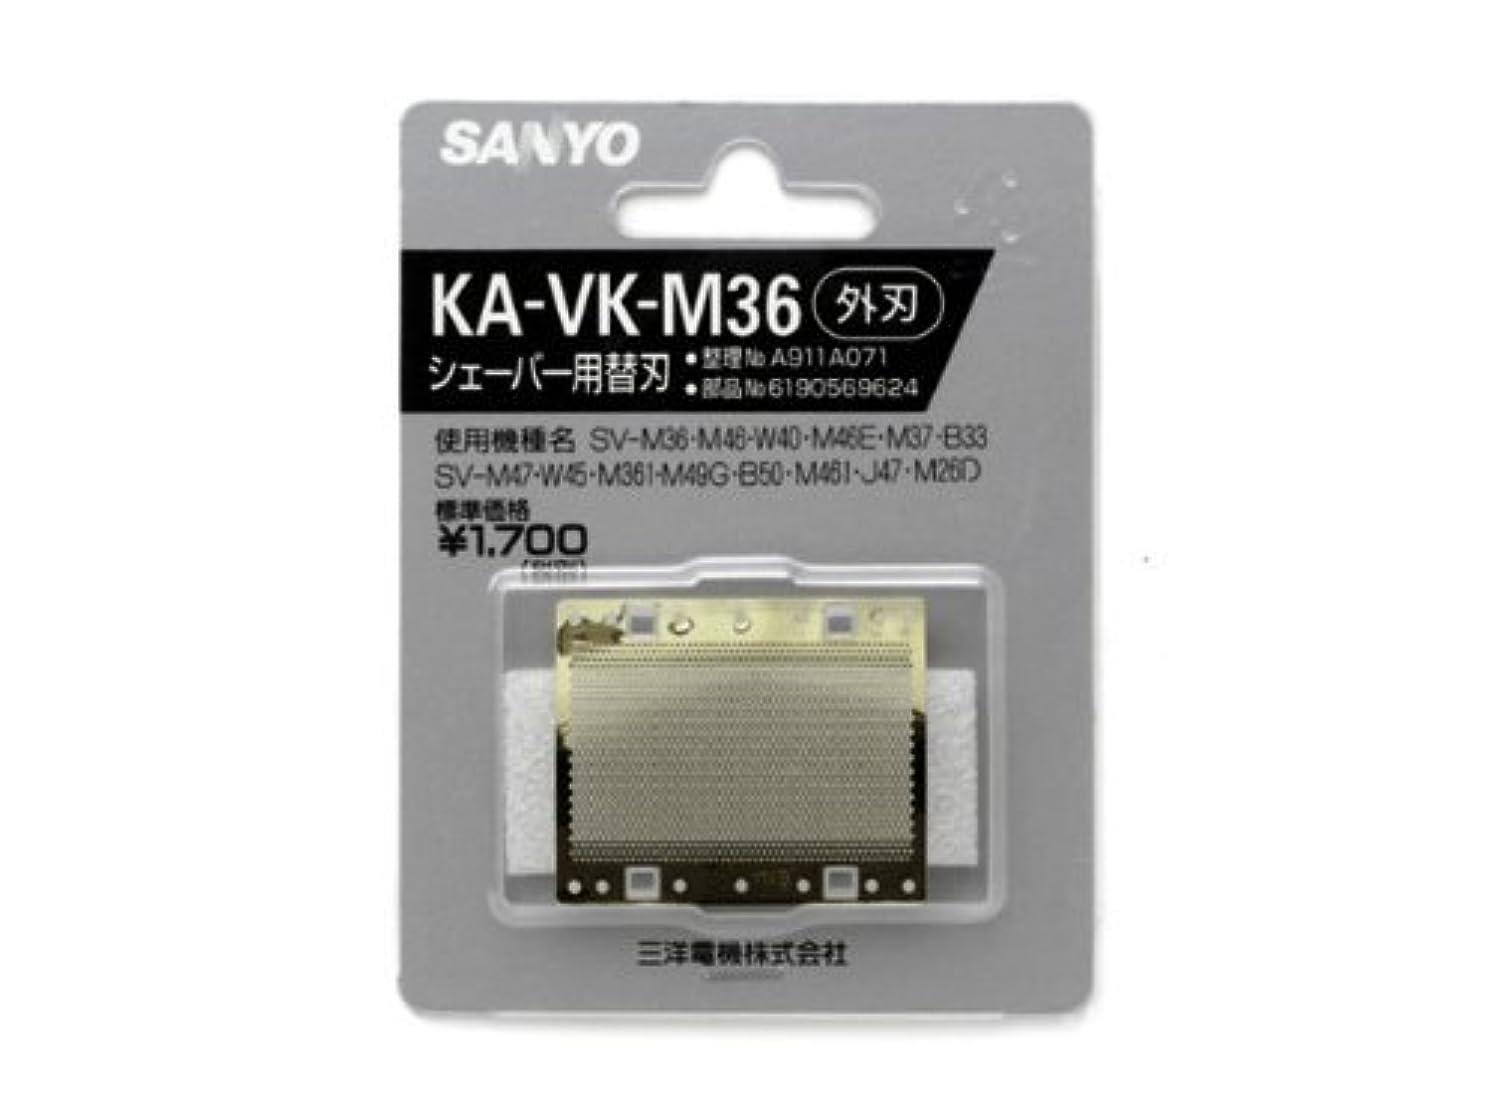 ディスパッチくそー第九Panasonic シェーバー用替刃 外刃 6190569624